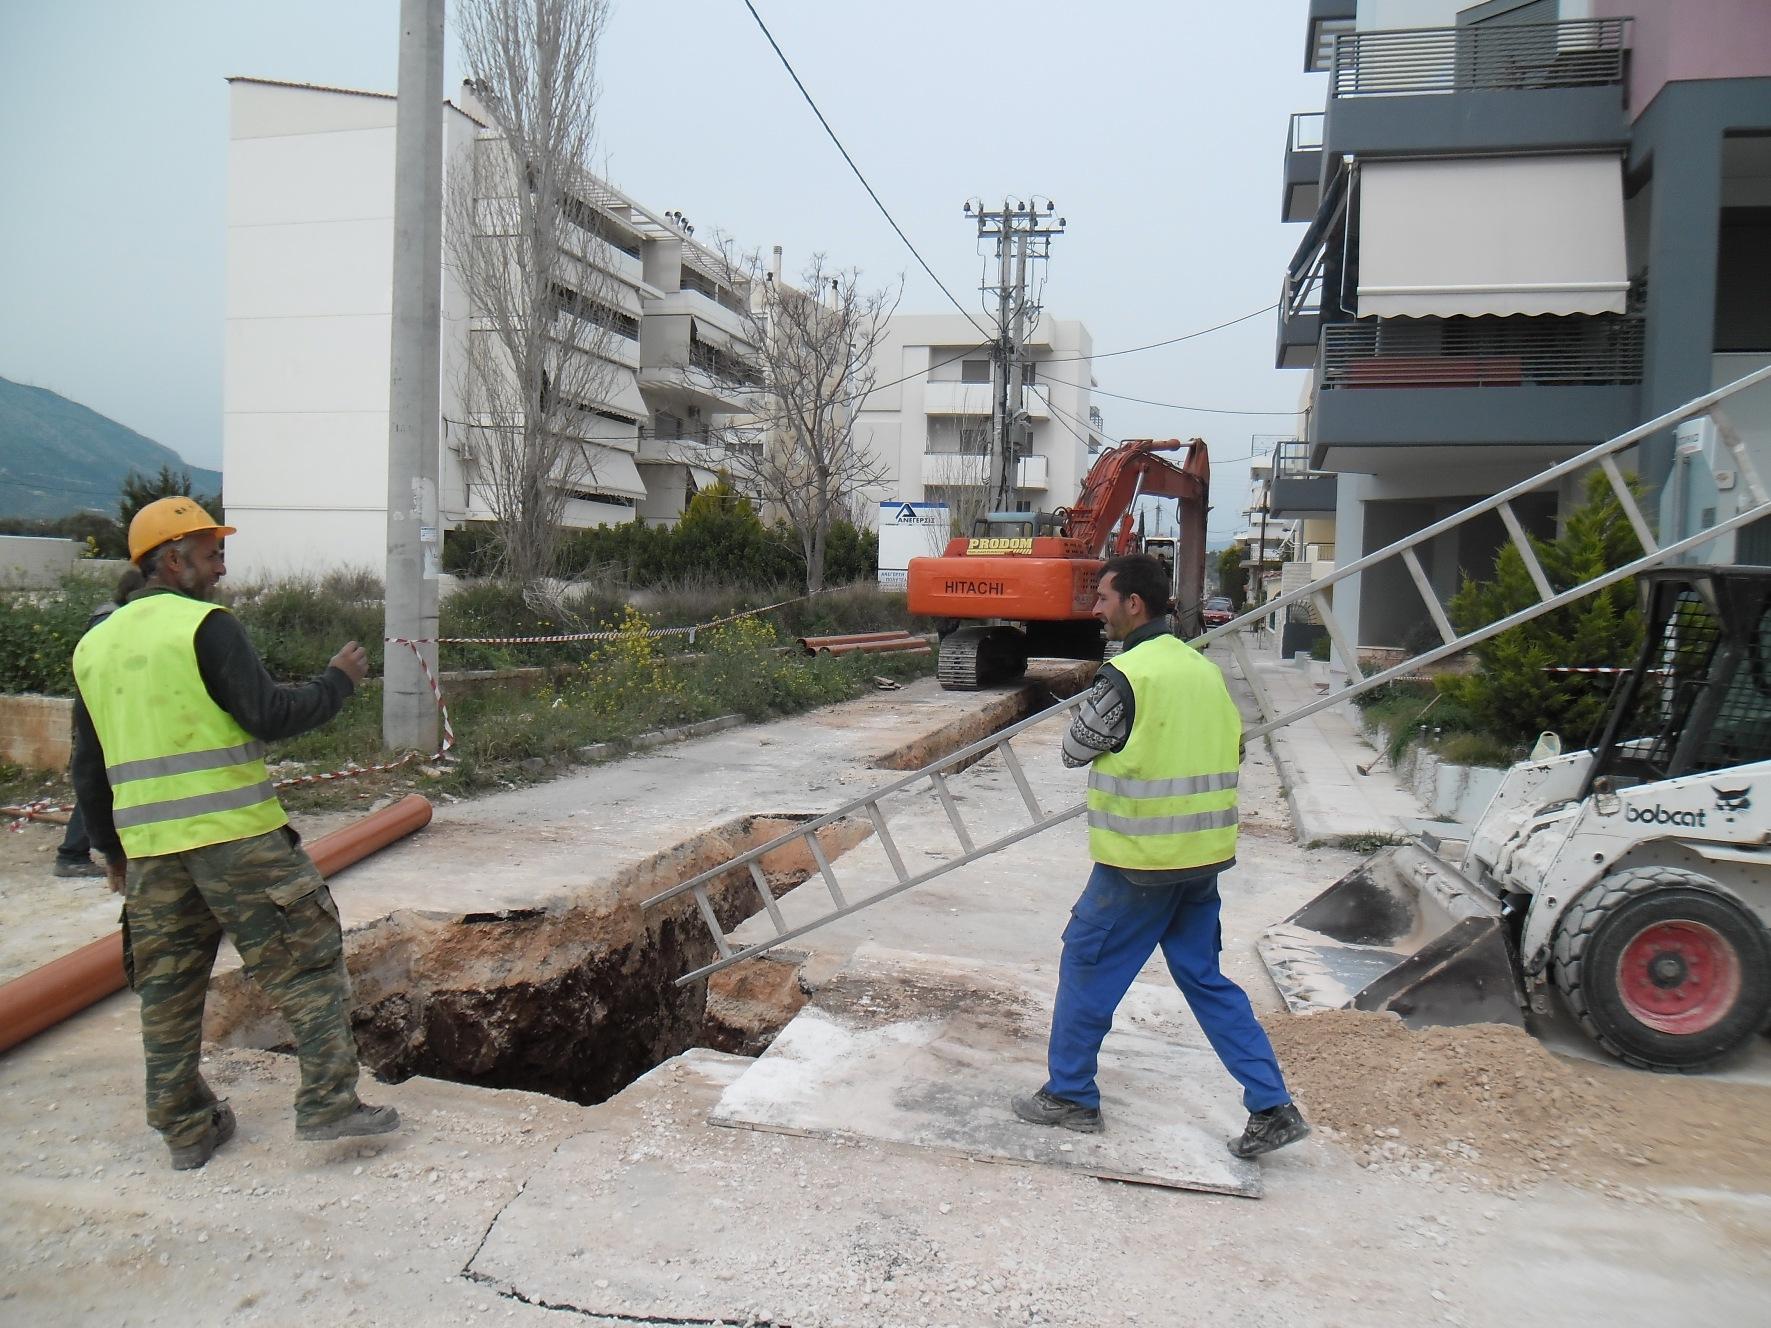 Ανατολική Αττική: Μετά από 20 χρόνια δρομολογούνται τα έργα αποχέτευσης